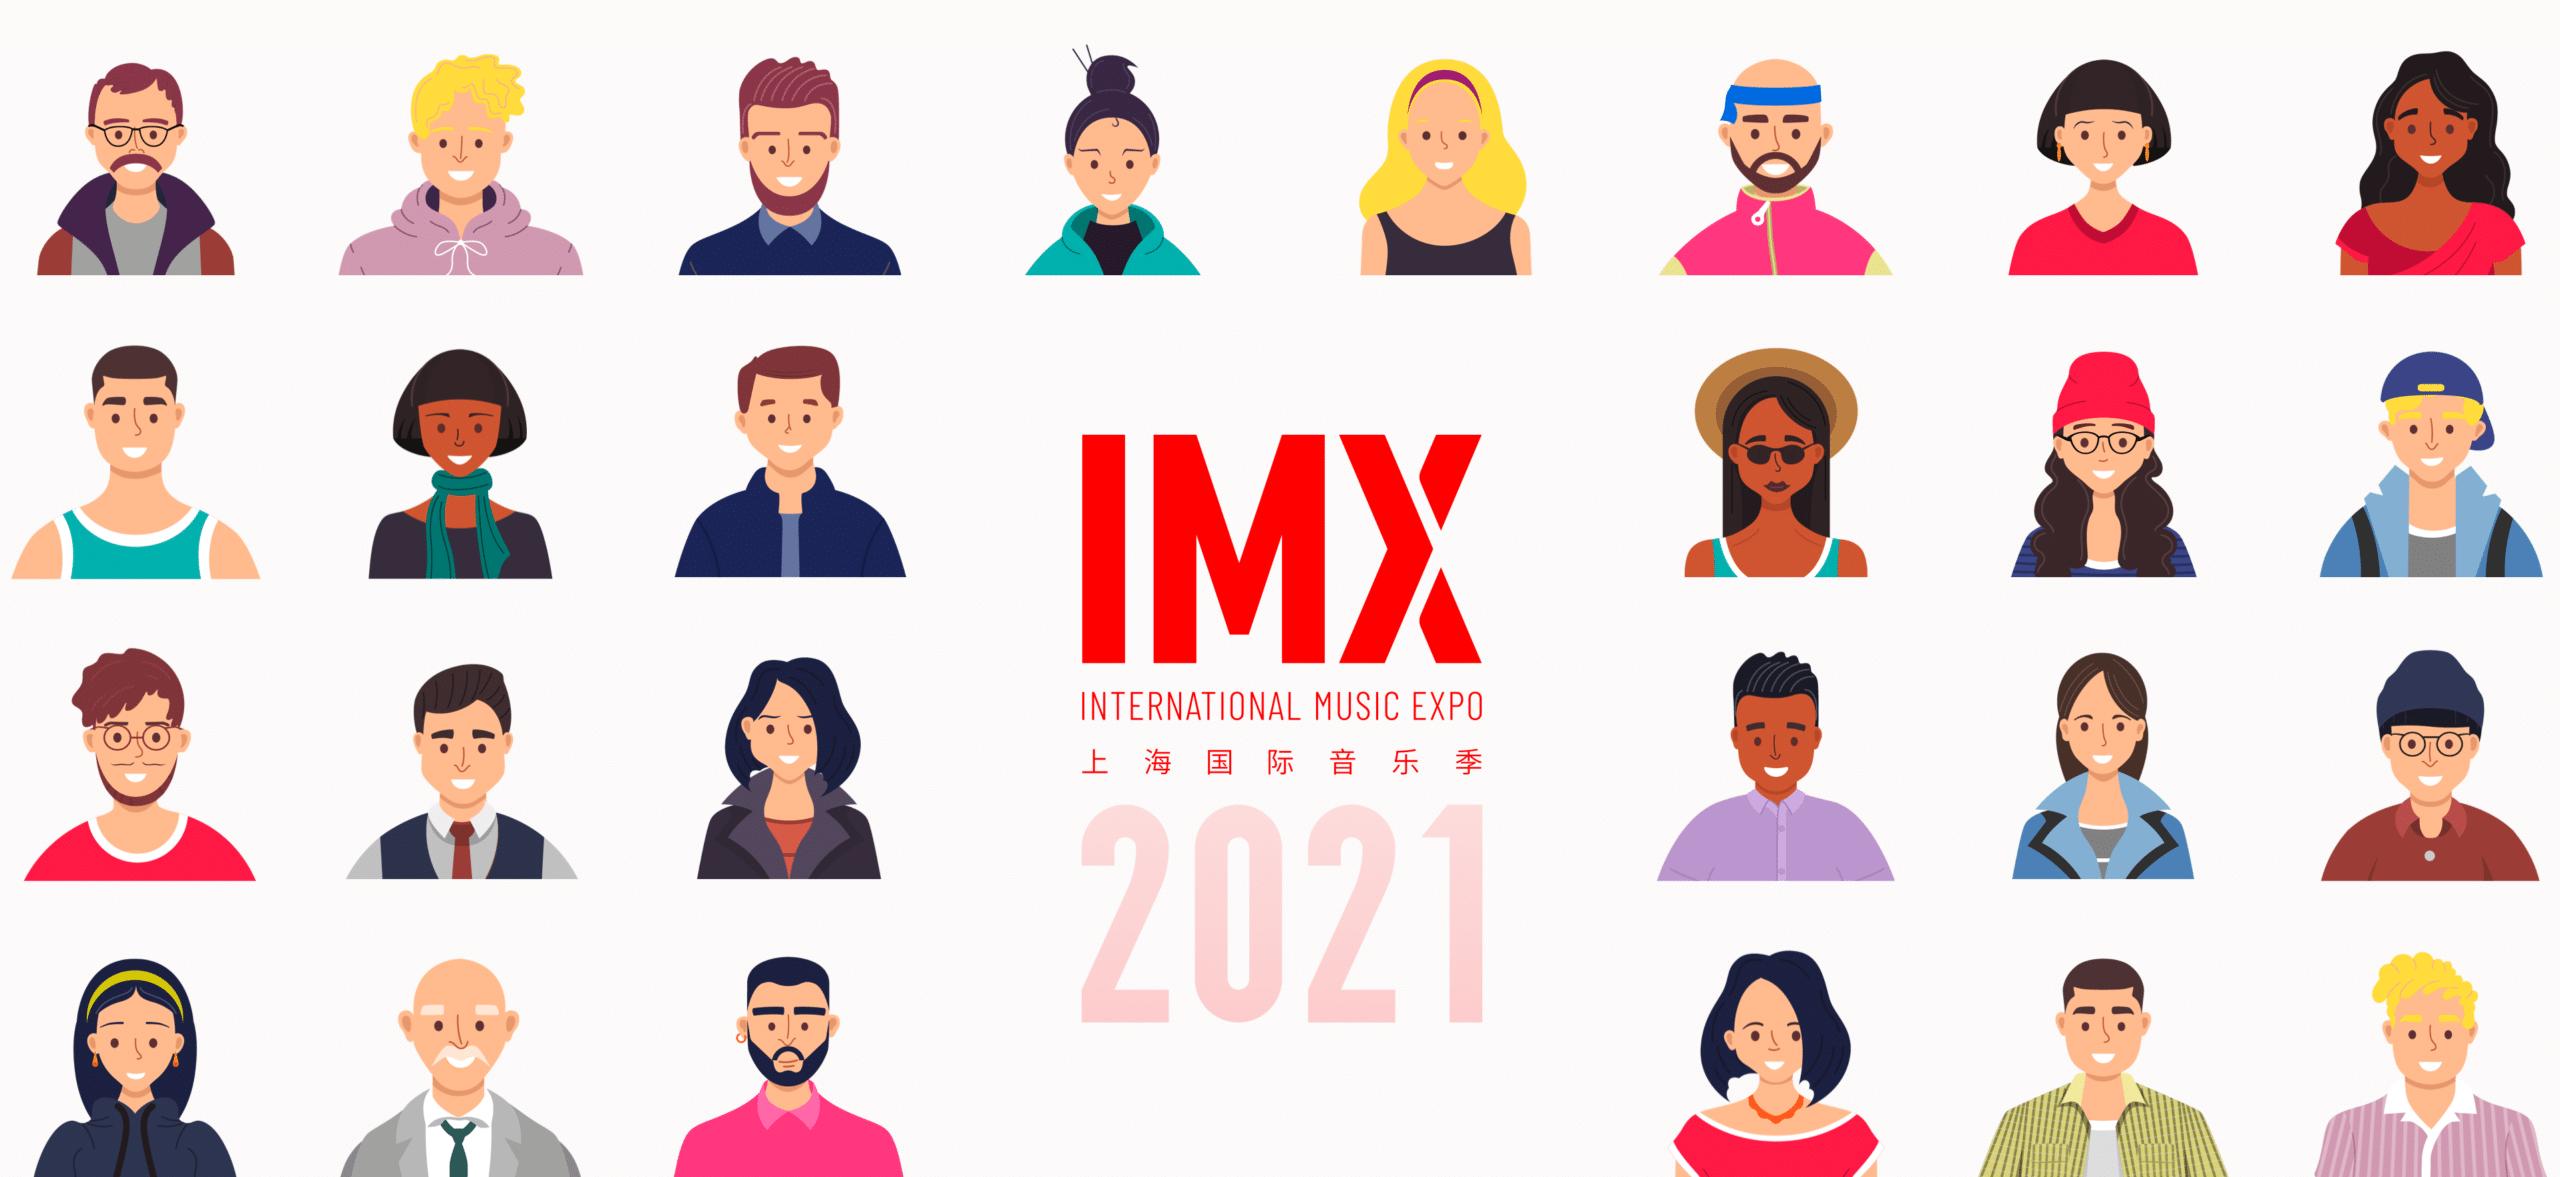 International Music Expo (IMX) 2021, événement digital chinois du 11 au 31 octobre 2021